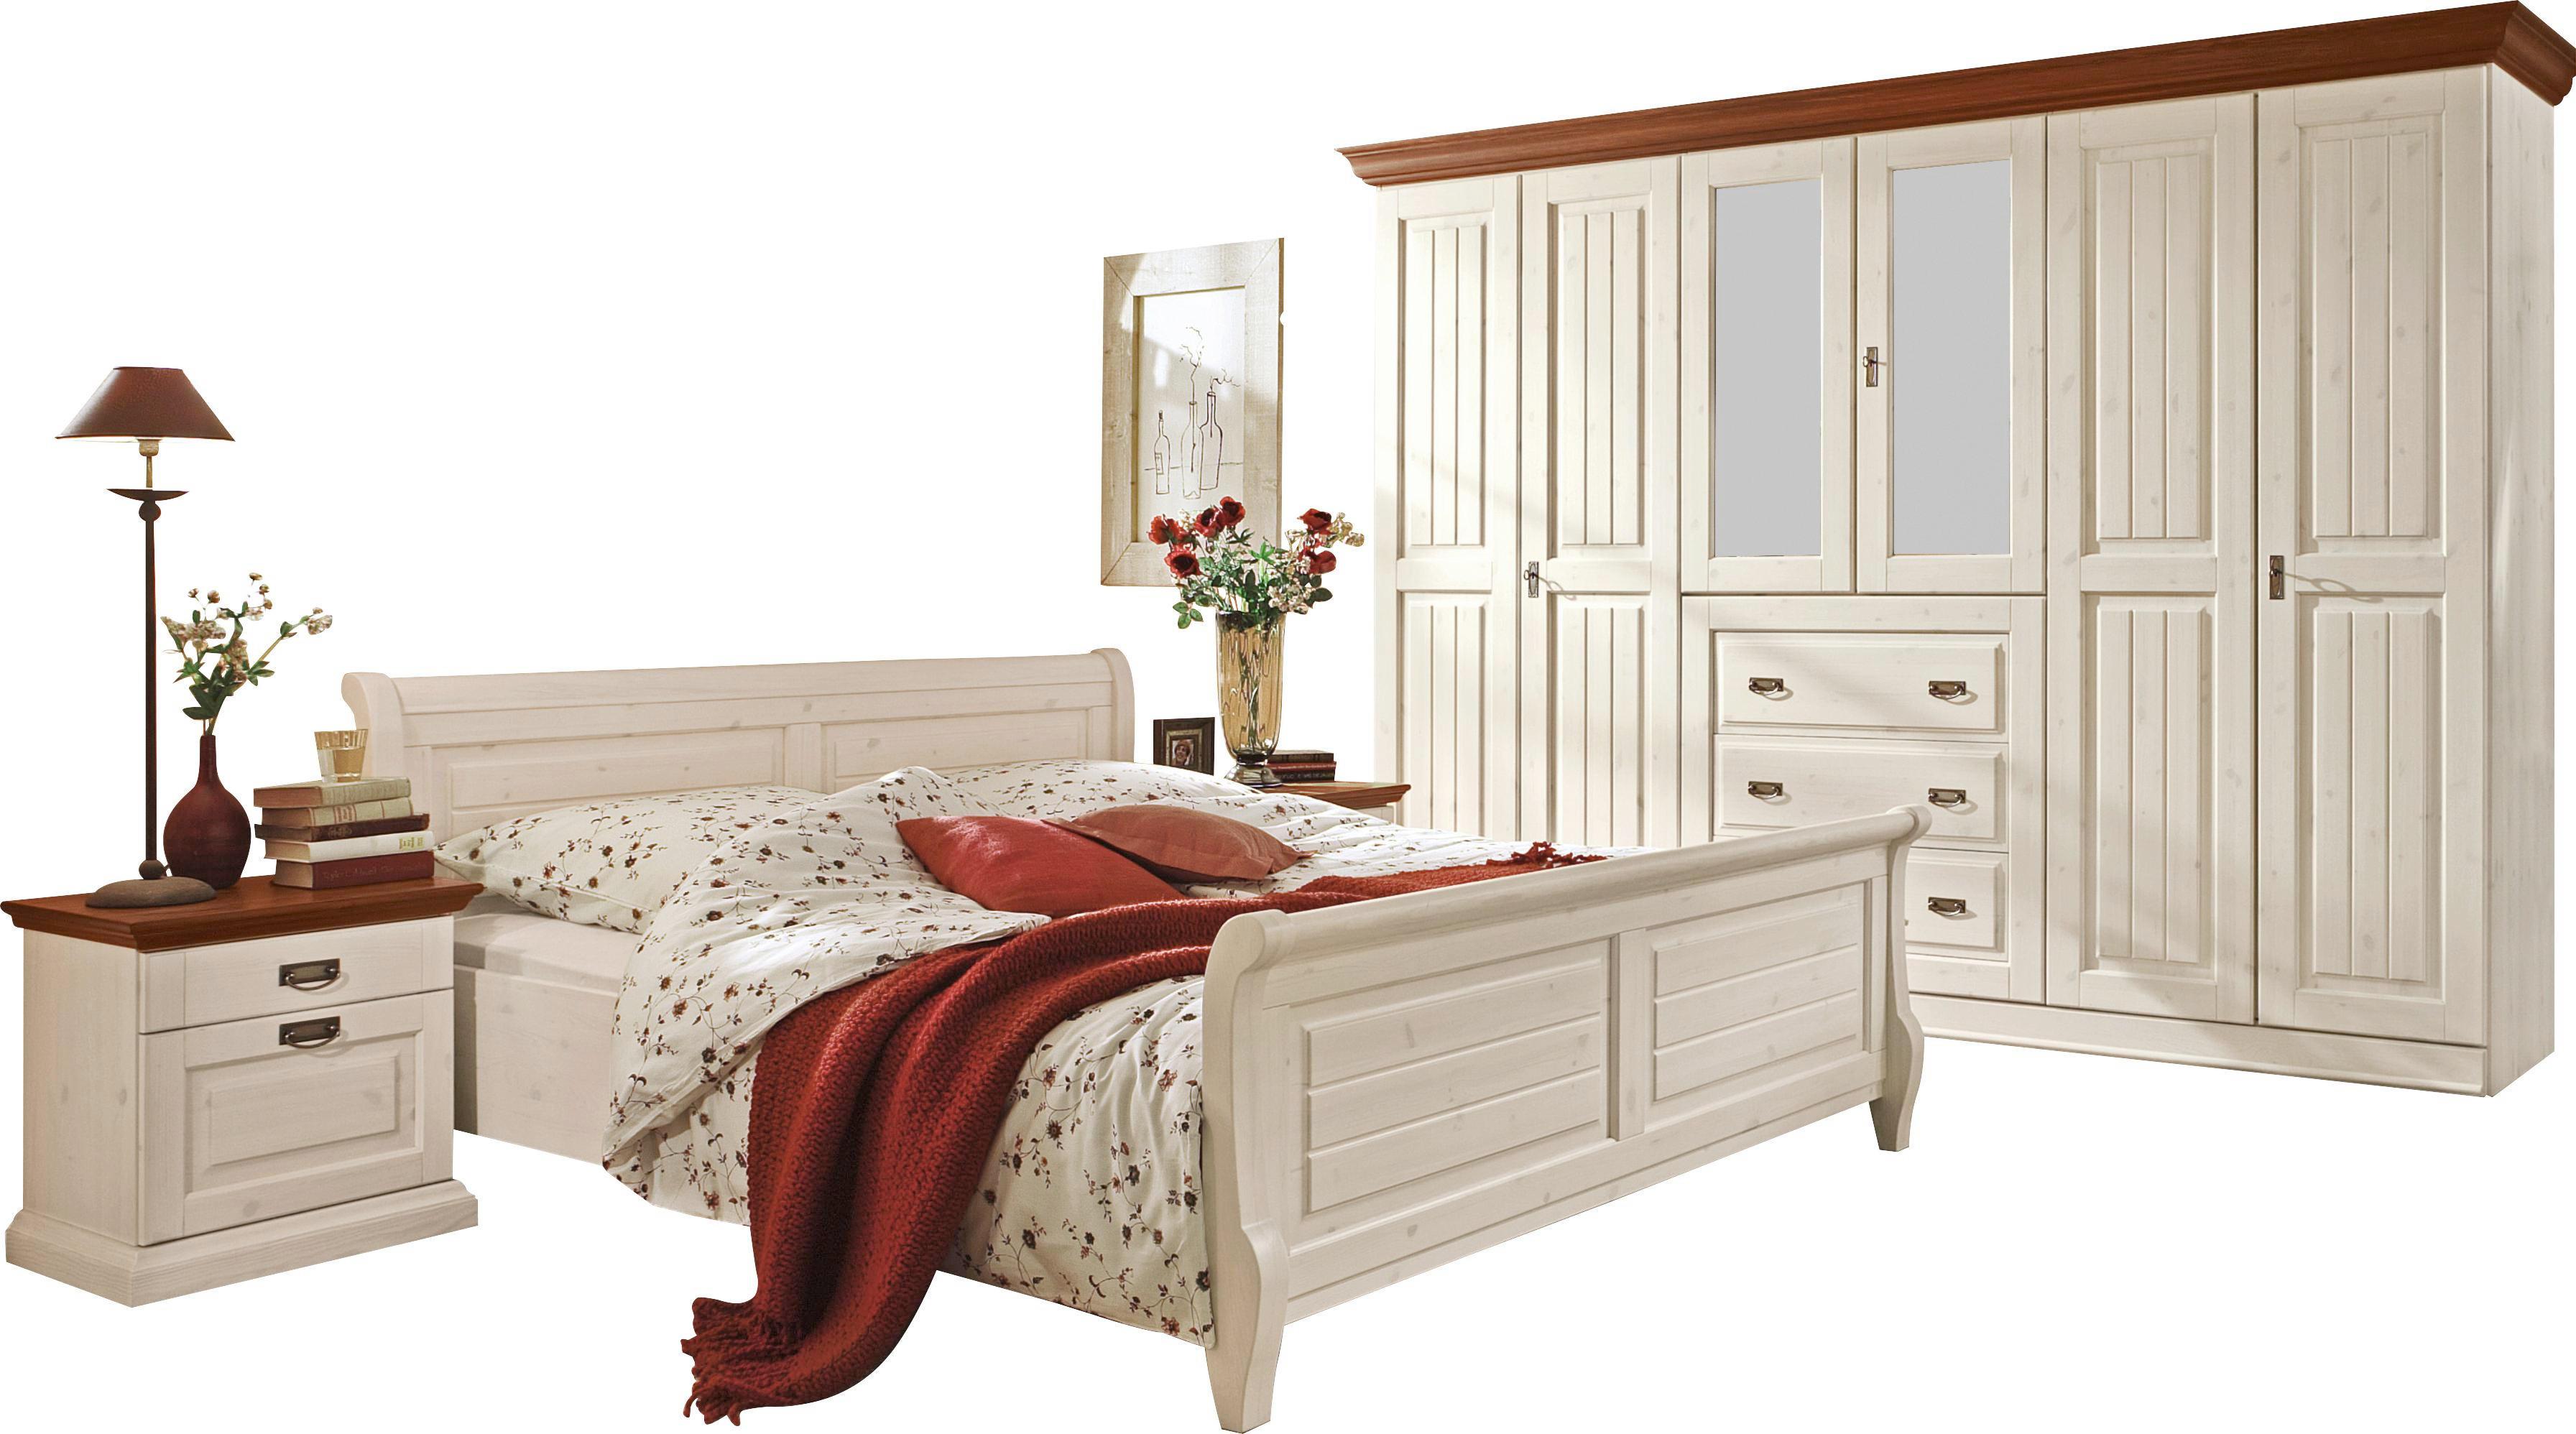 Schlafzimmer In Kieferfarben, Weiß Online Kaufen ➤ Xxxlutz